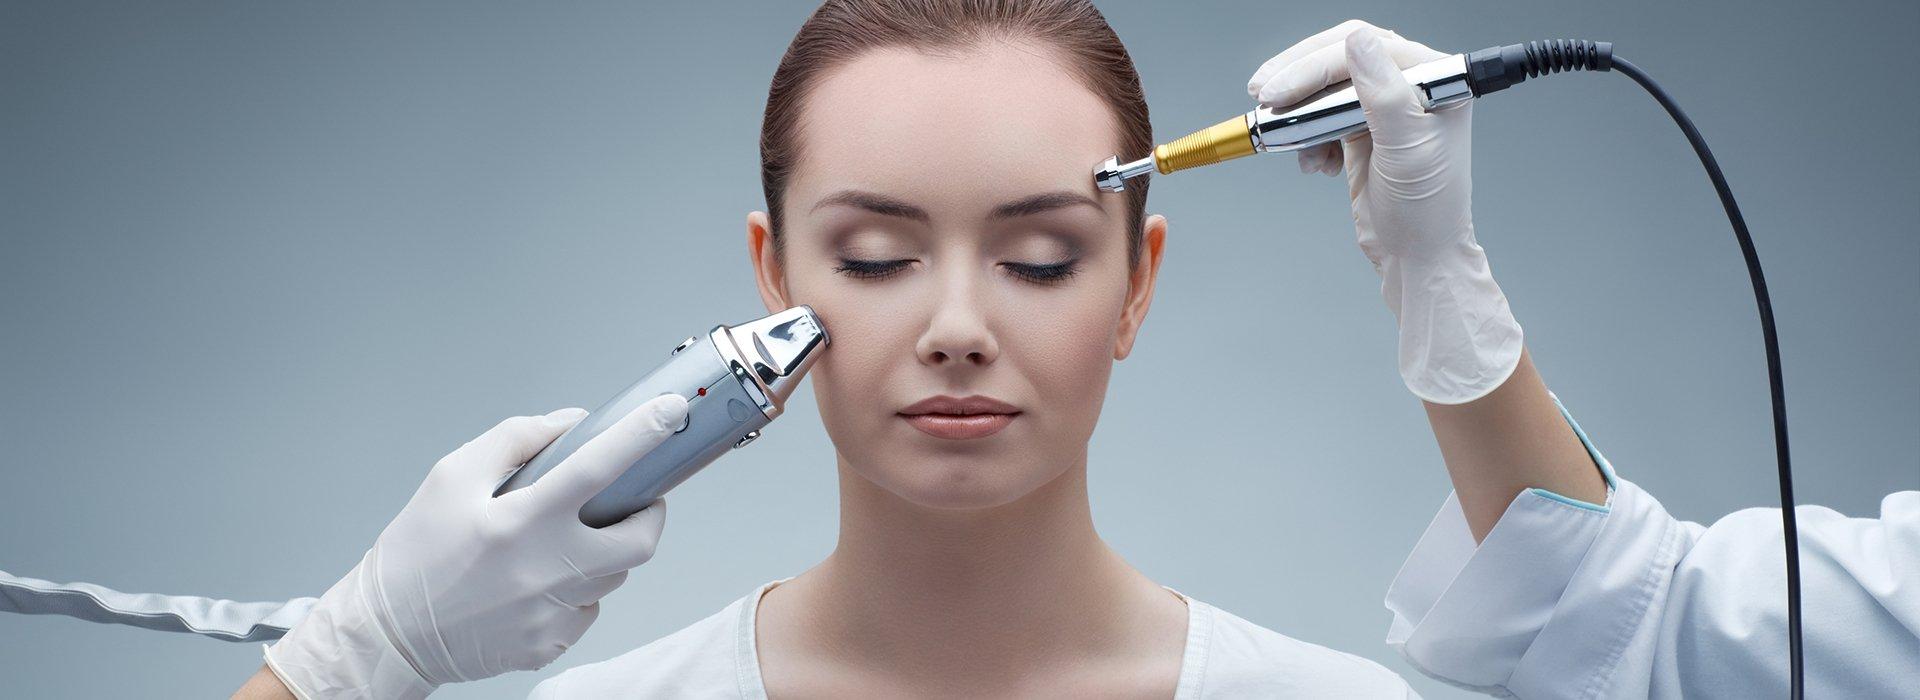 Процес проведення Безін'єкційна мезотерапії особи. Переваги та протипоказання процедури